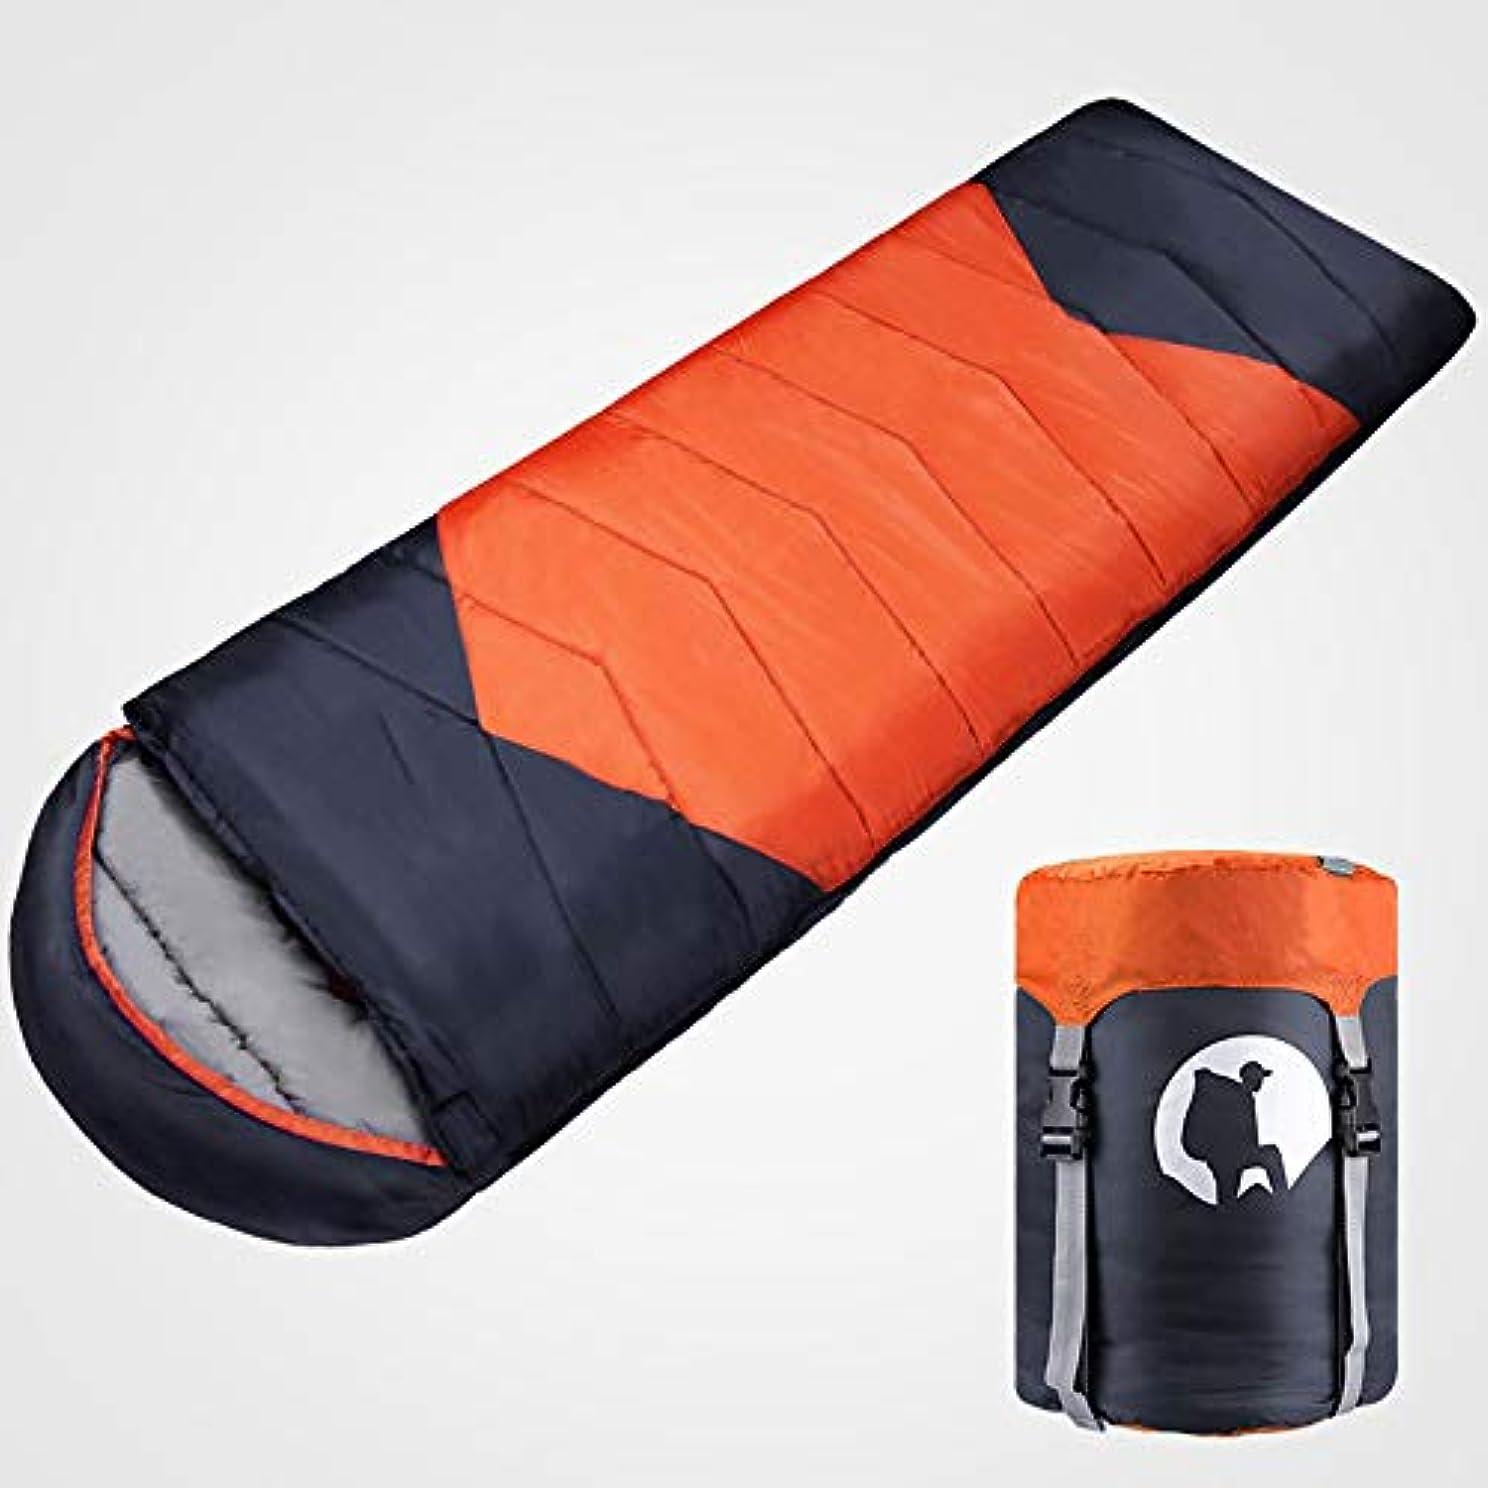 胆嚢ゆでる算術スリーピングバッグは、大人のアウトドアトラベルバッグ冬厚く暖かいポータブルスリーピング寝袋